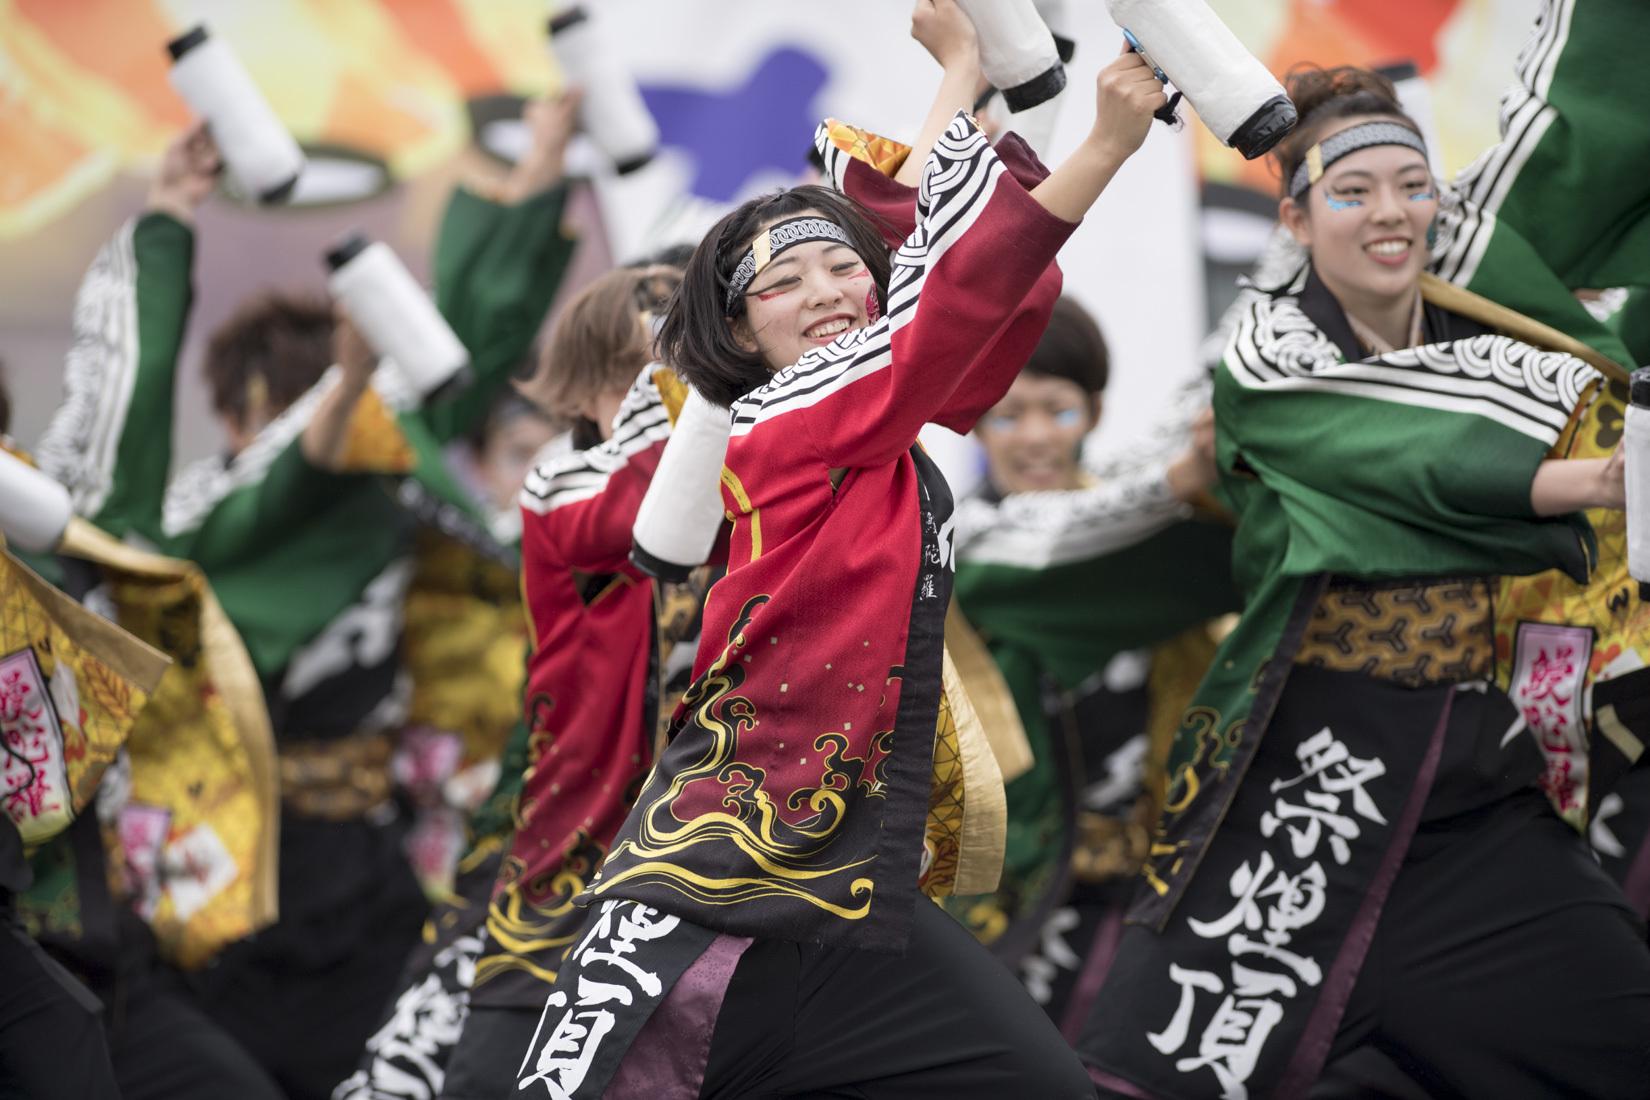 2019 犬山踊芸祭『浜松学生連 鰻陀羅』_f0184198_00134129.jpg